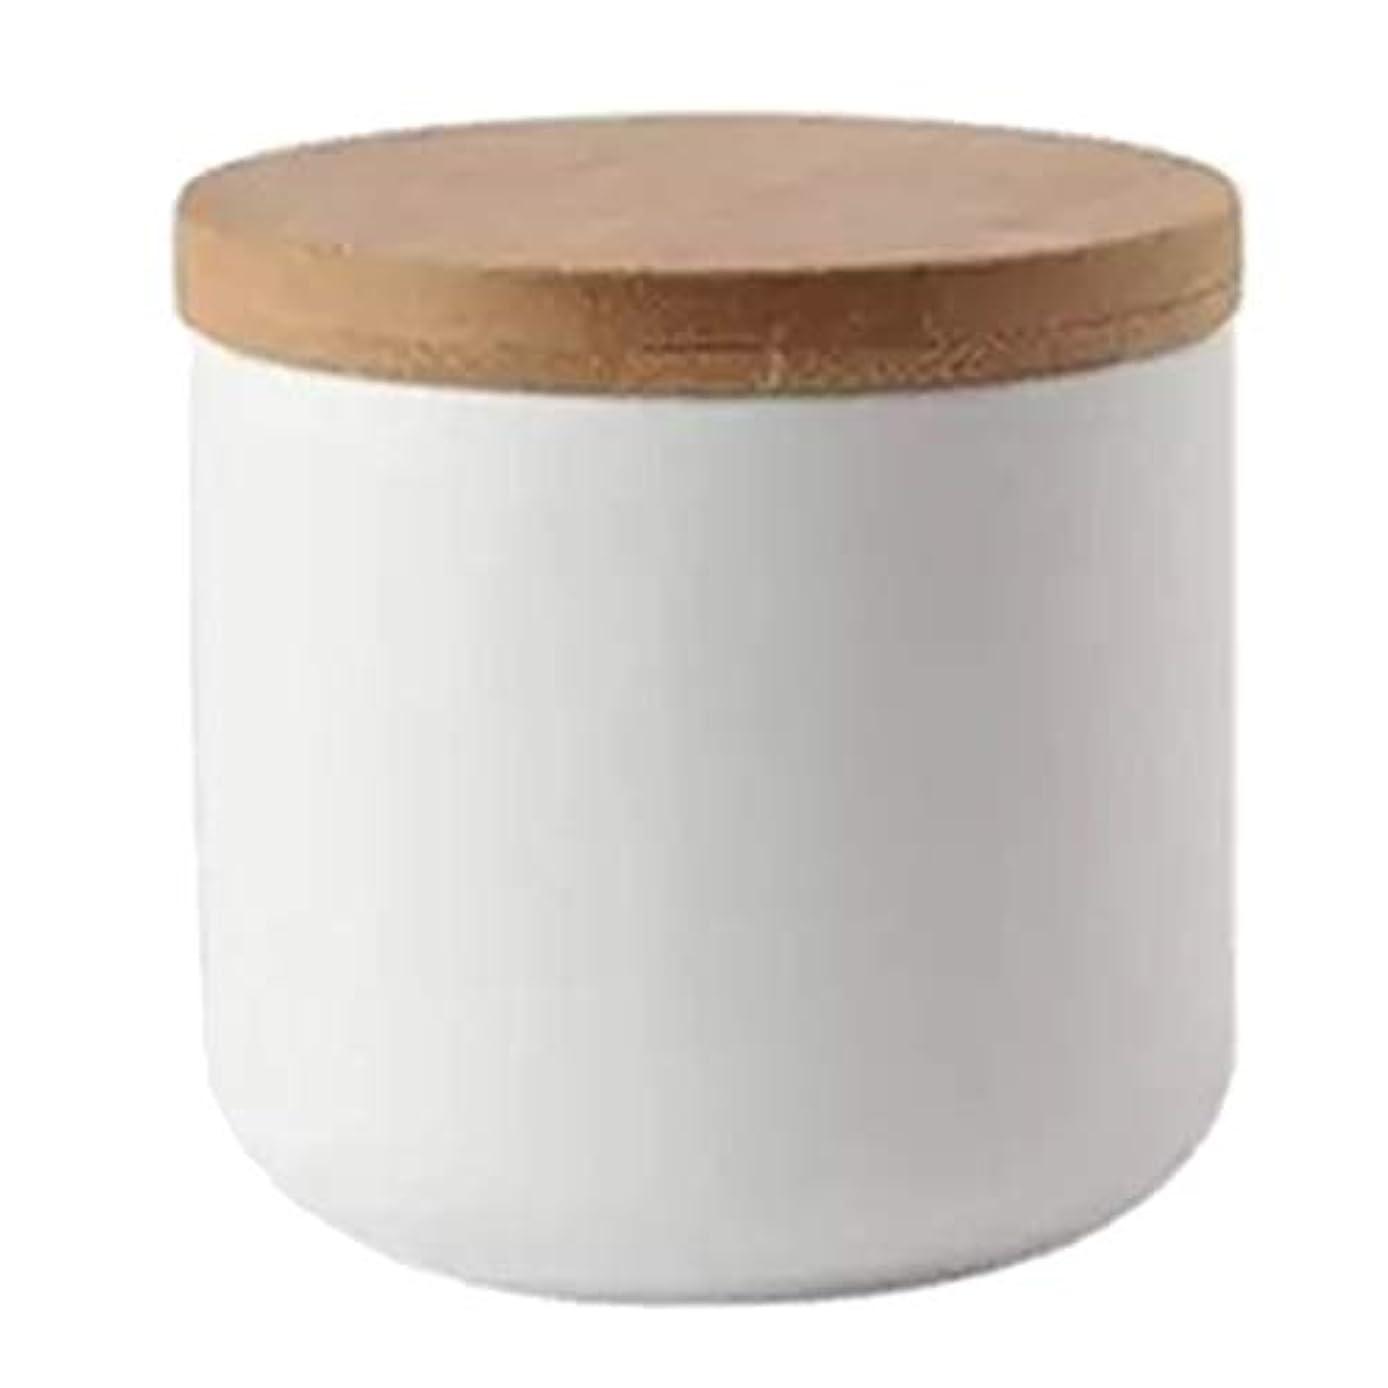 拡張はい略奪ネイルリキッドコンテナ ボウル パウダー ドライグッズ ルーズティーリーフ 化粧品 収納ポット 全2色 - 白い